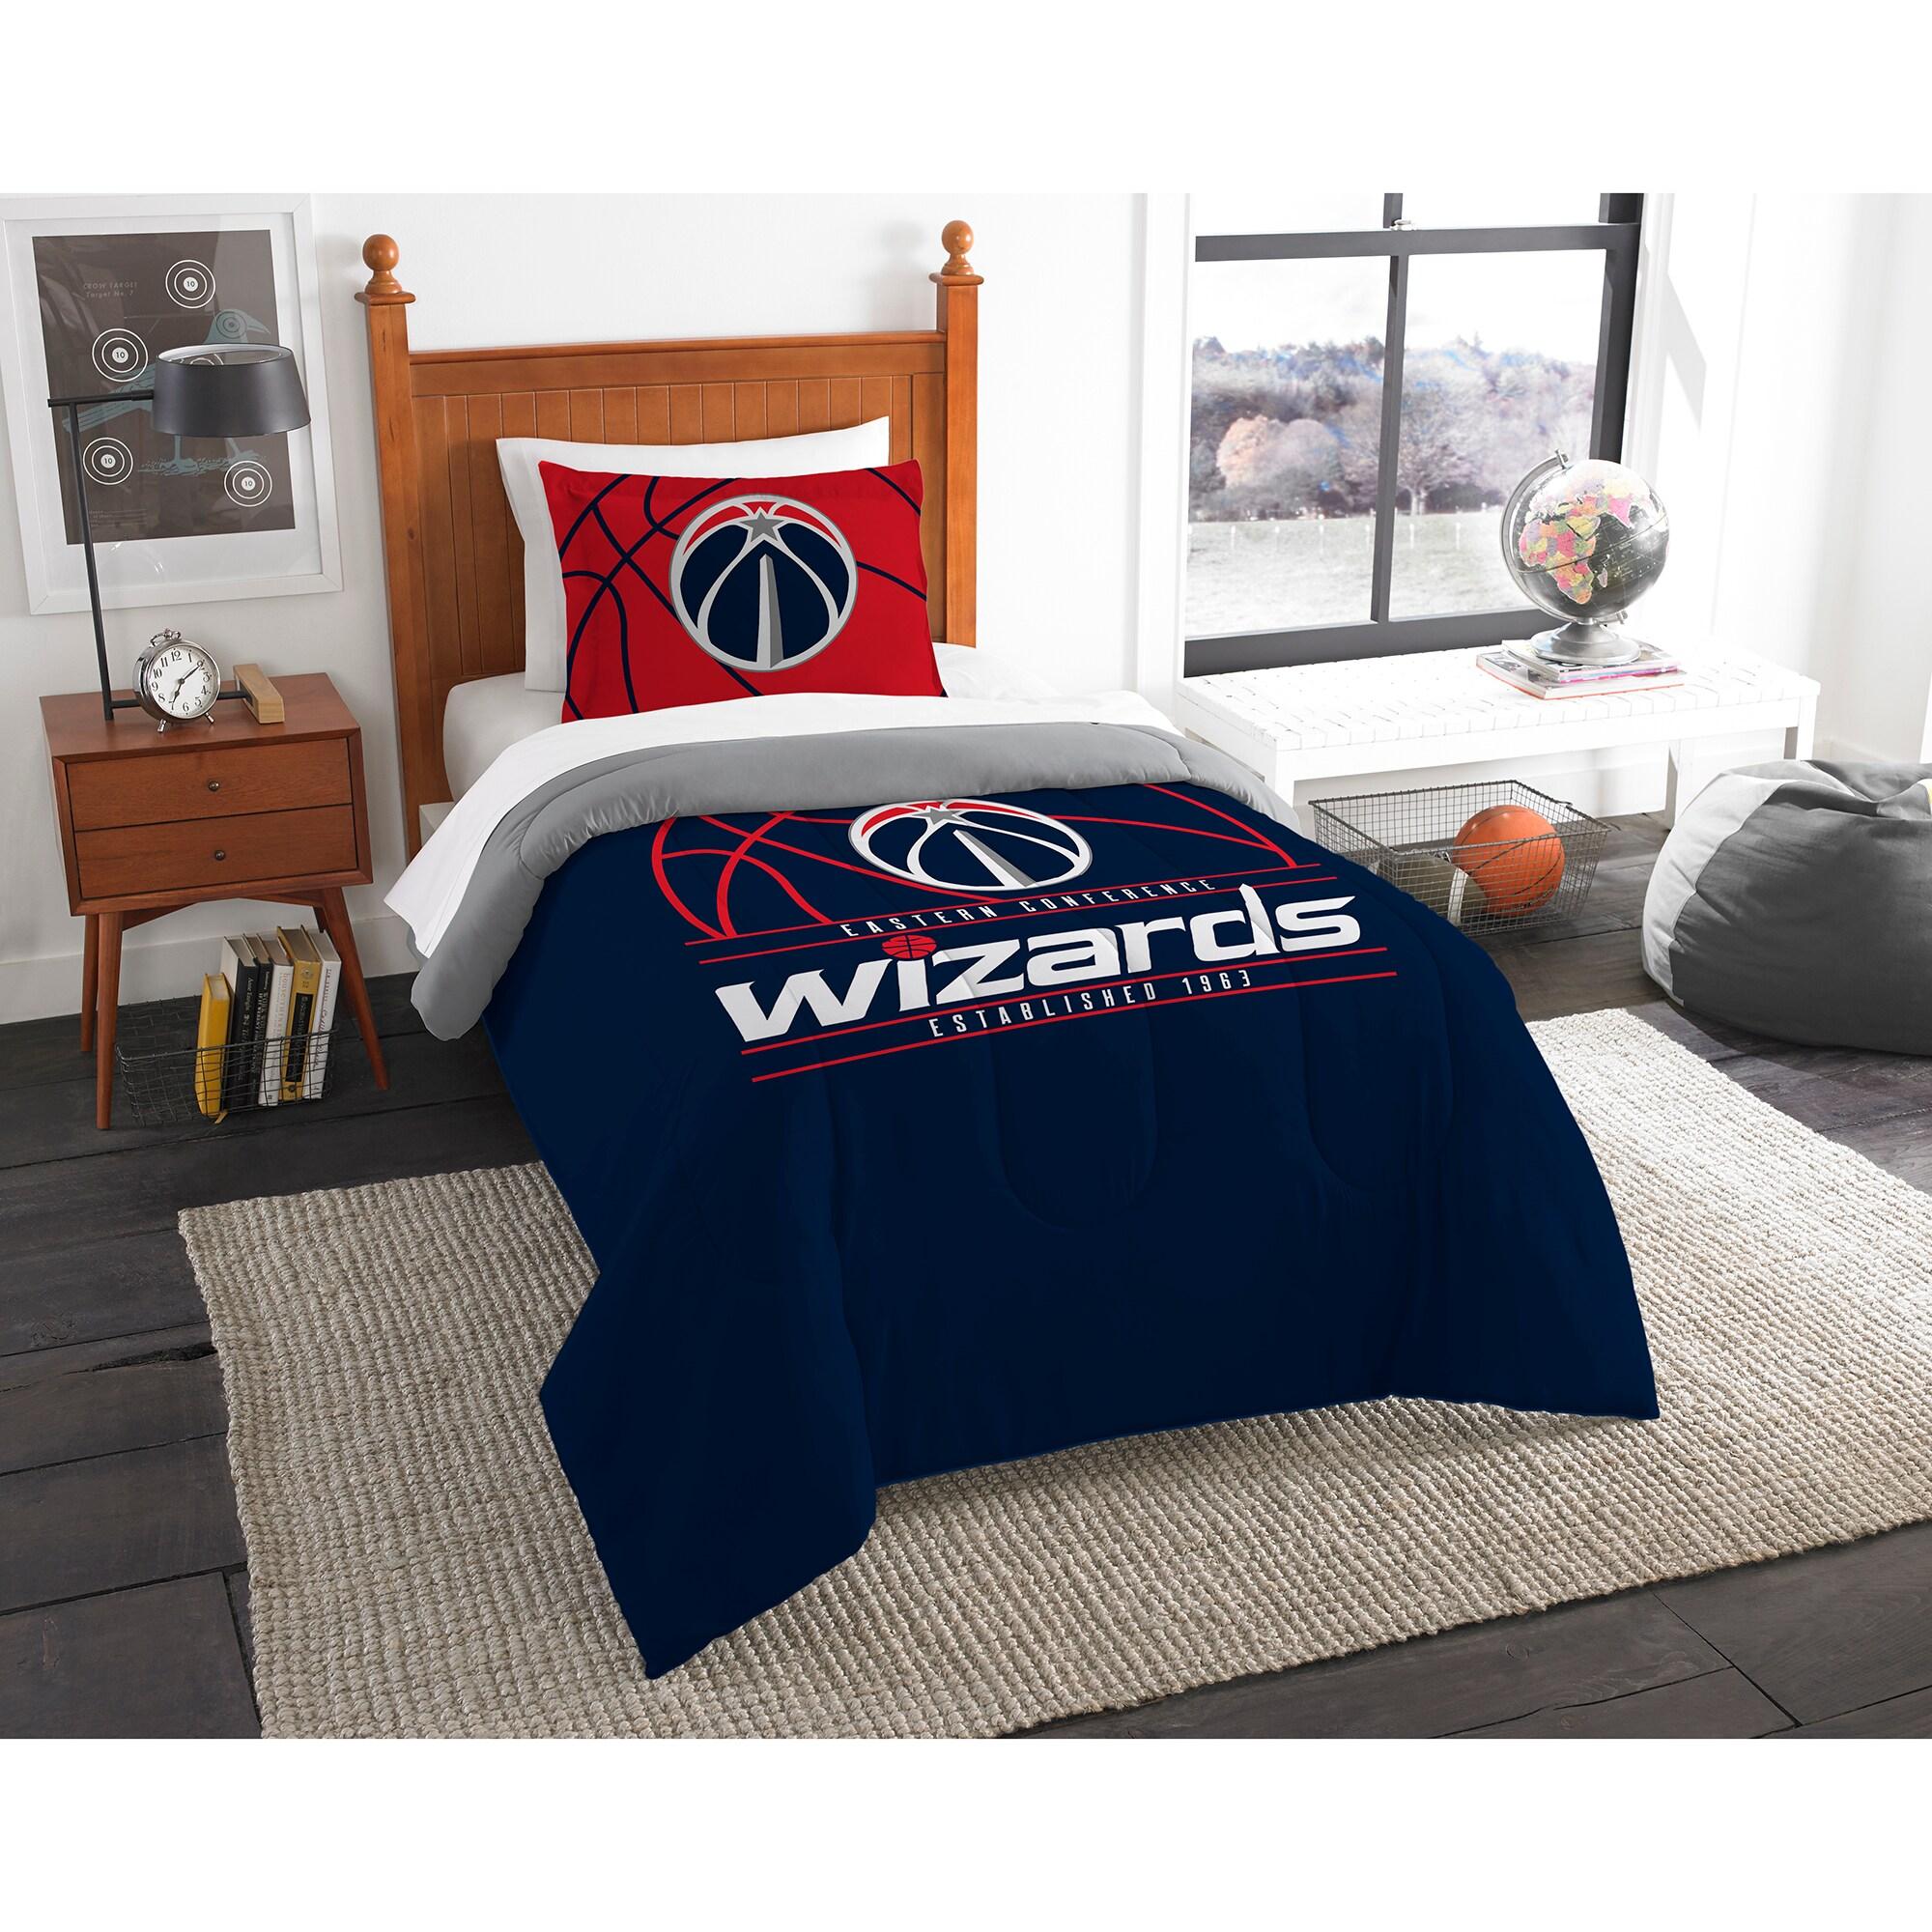 Washington Wizards The Northwest Company Reverse Slam Twin Comforter Set